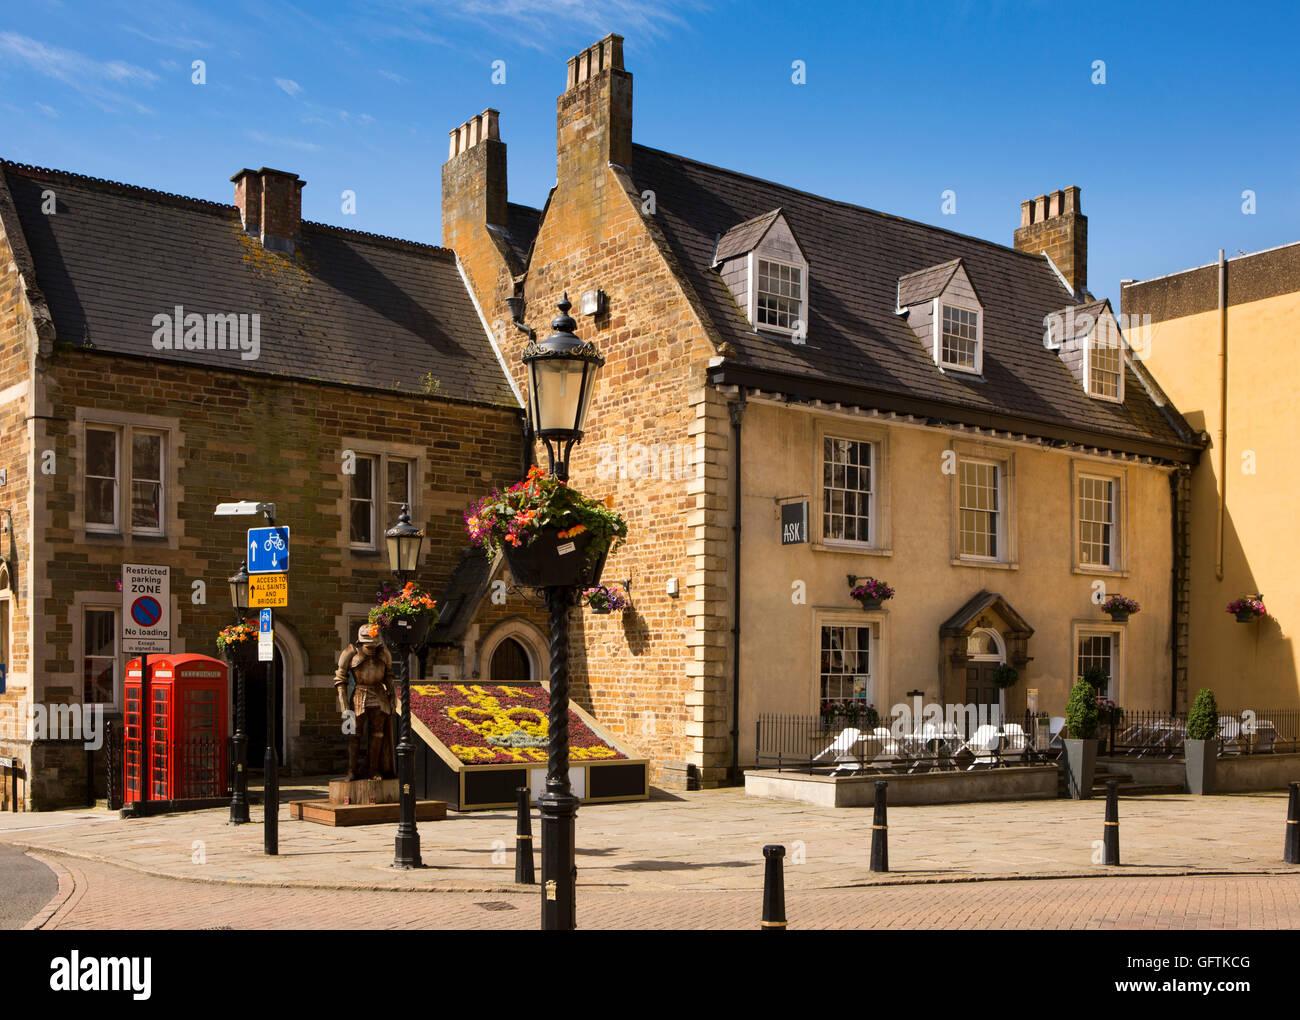 UK, England, Northamptonshire, Northampton, St Giles' Square - Stock Image